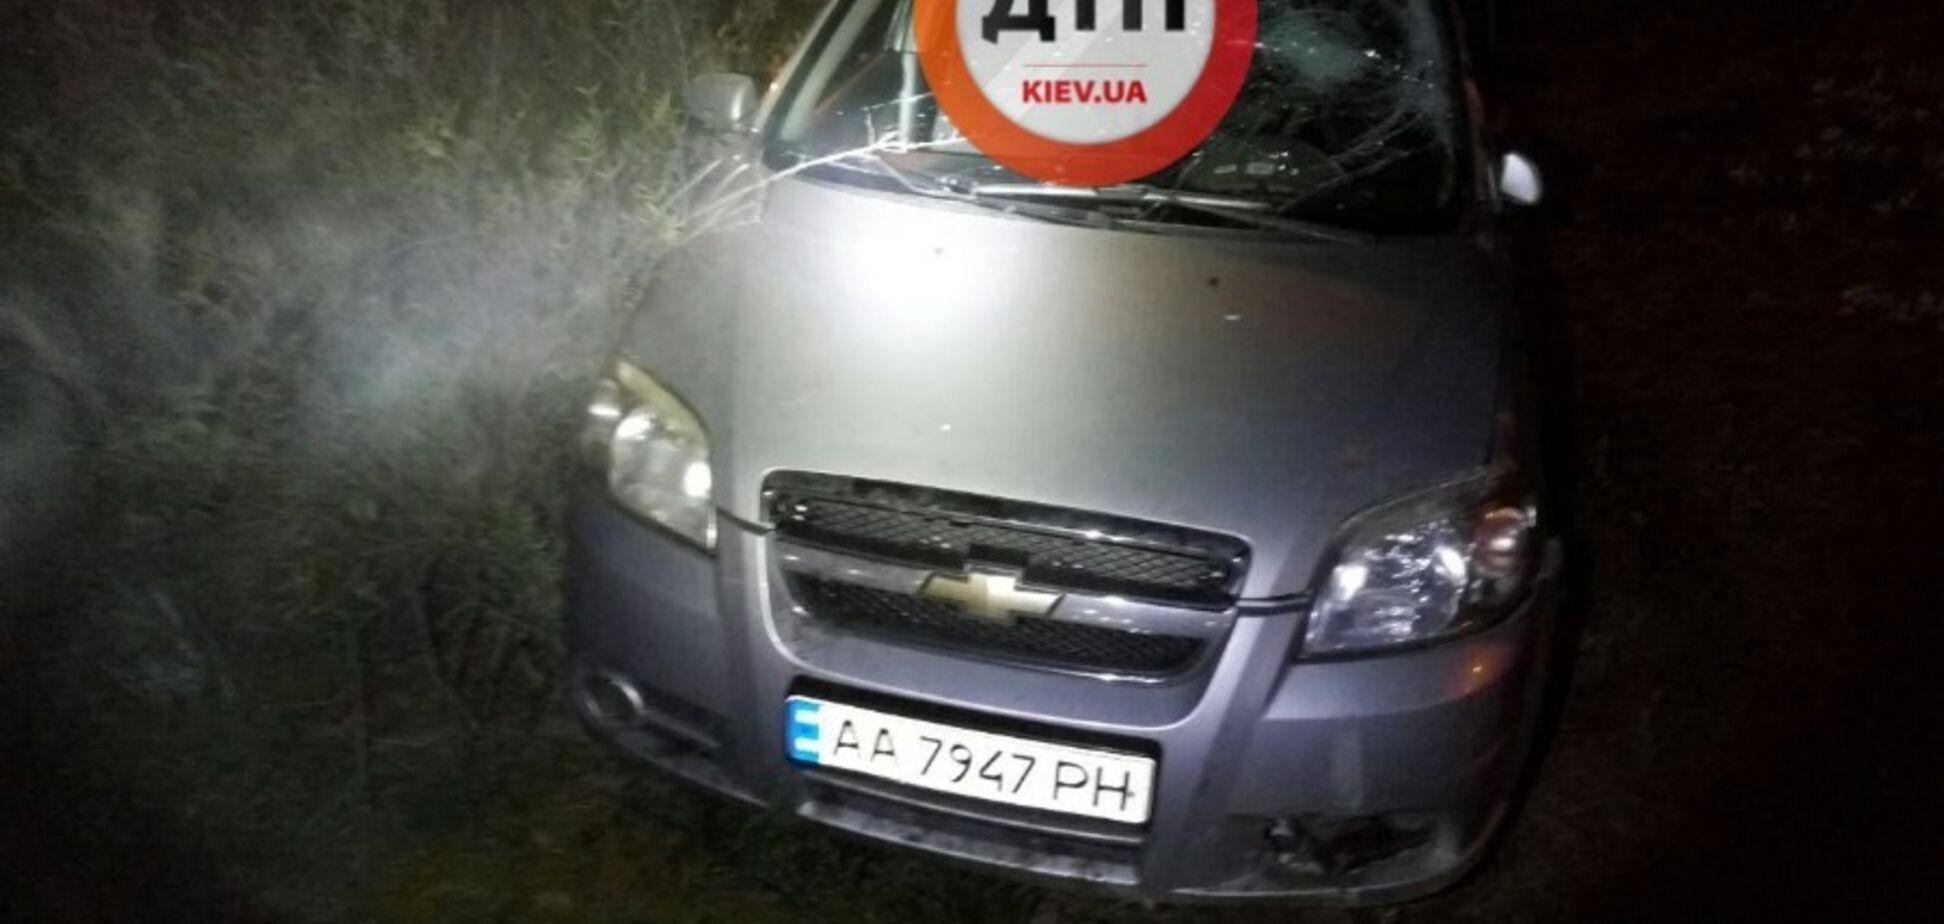 ДТП с 'экс-охранником Порошенко' в Киеве: в полиции сообщили подробности